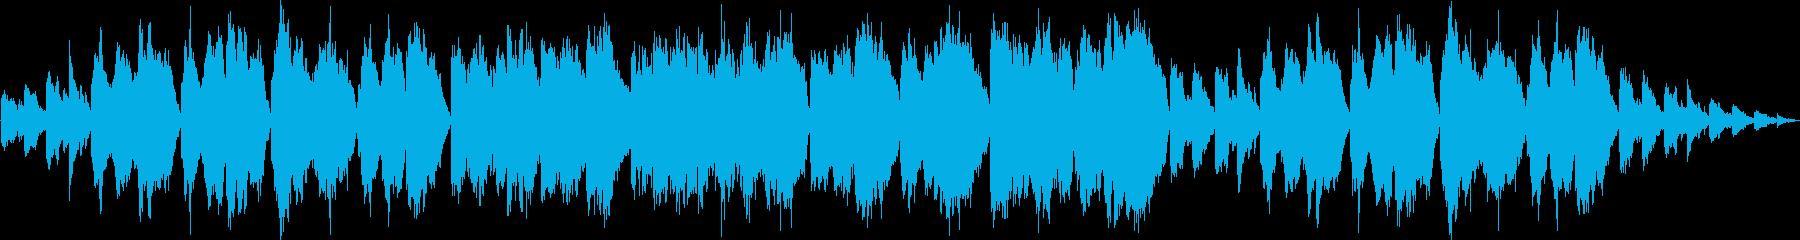 中国の草原をイメージさせる環境音楽の再生済みの波形